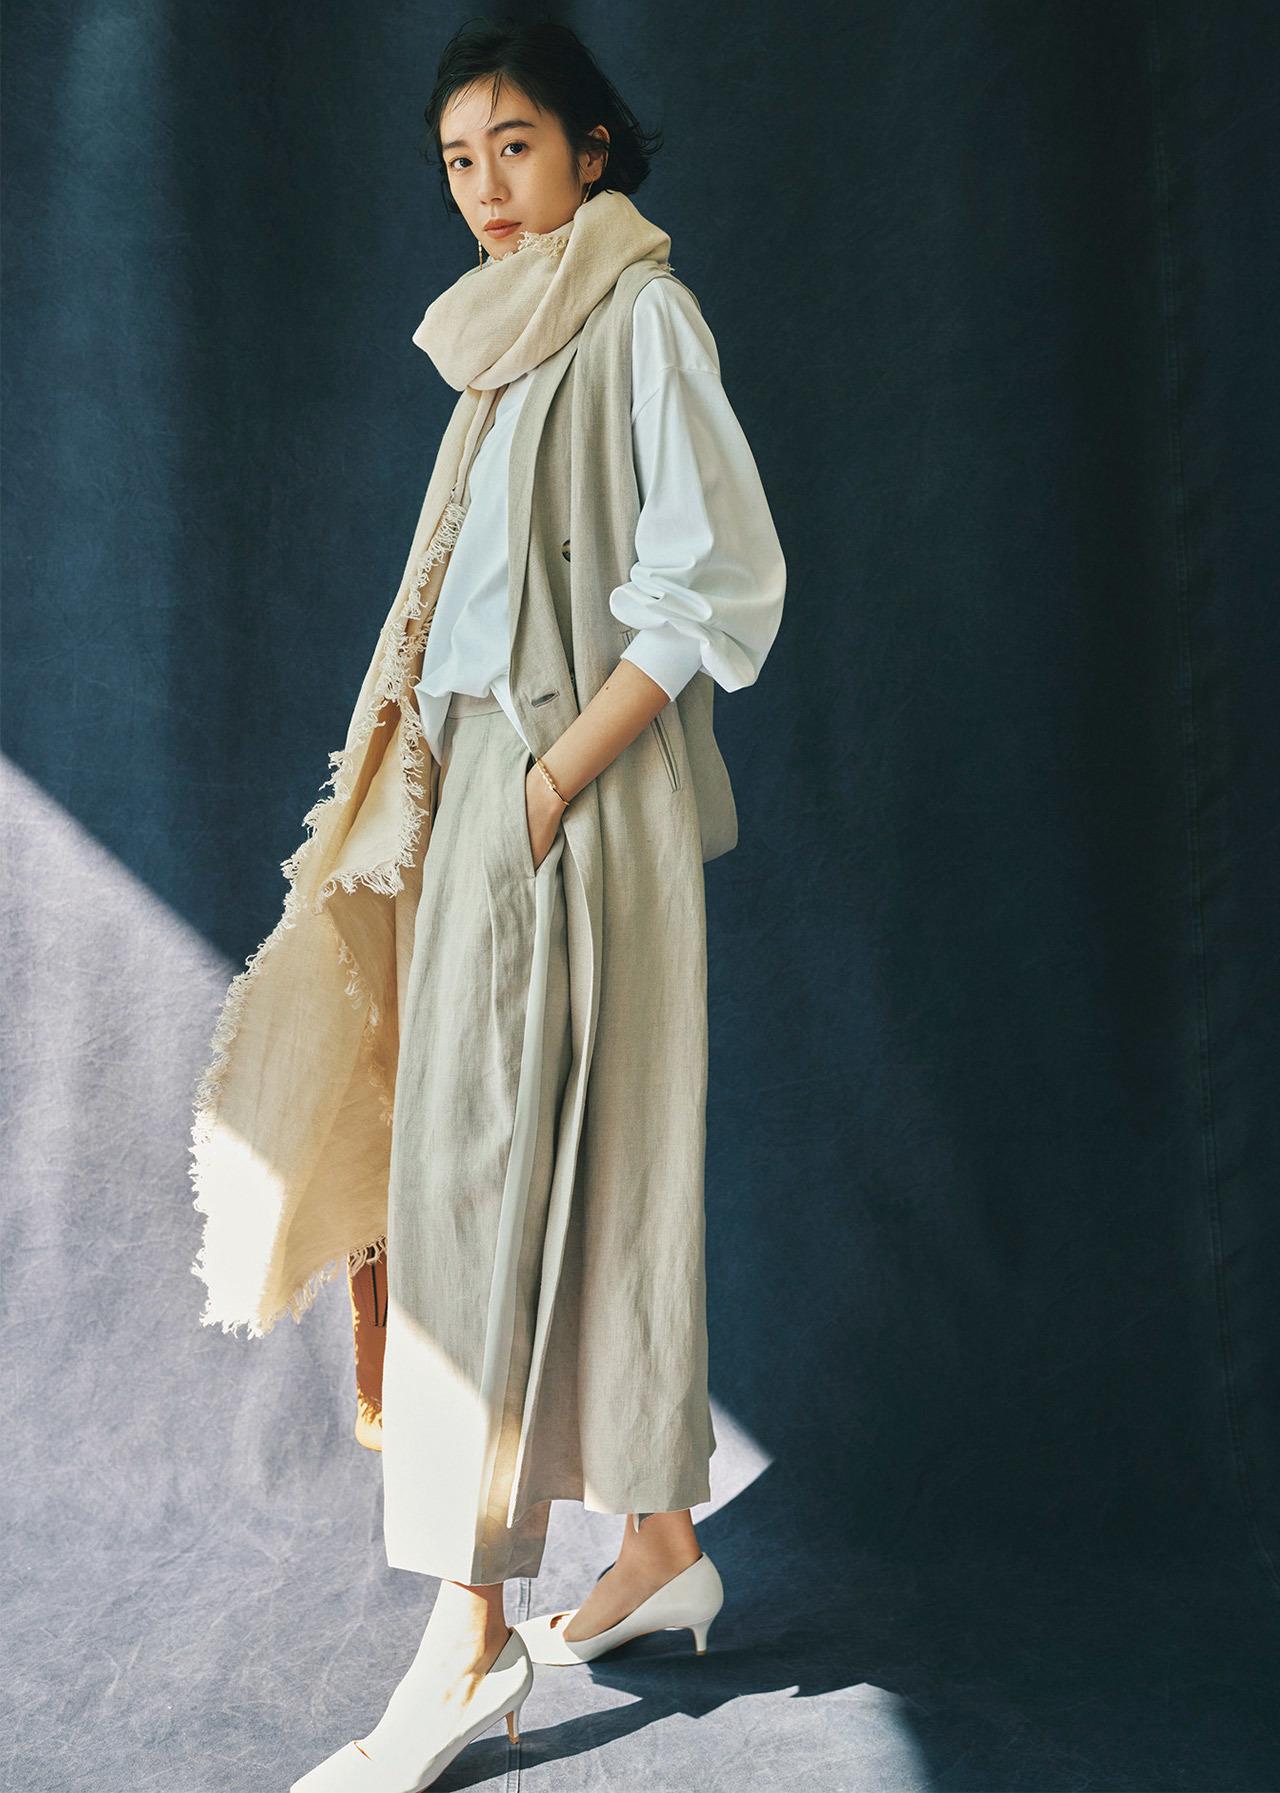 ロングジレ×パンツのセットアップコーデ